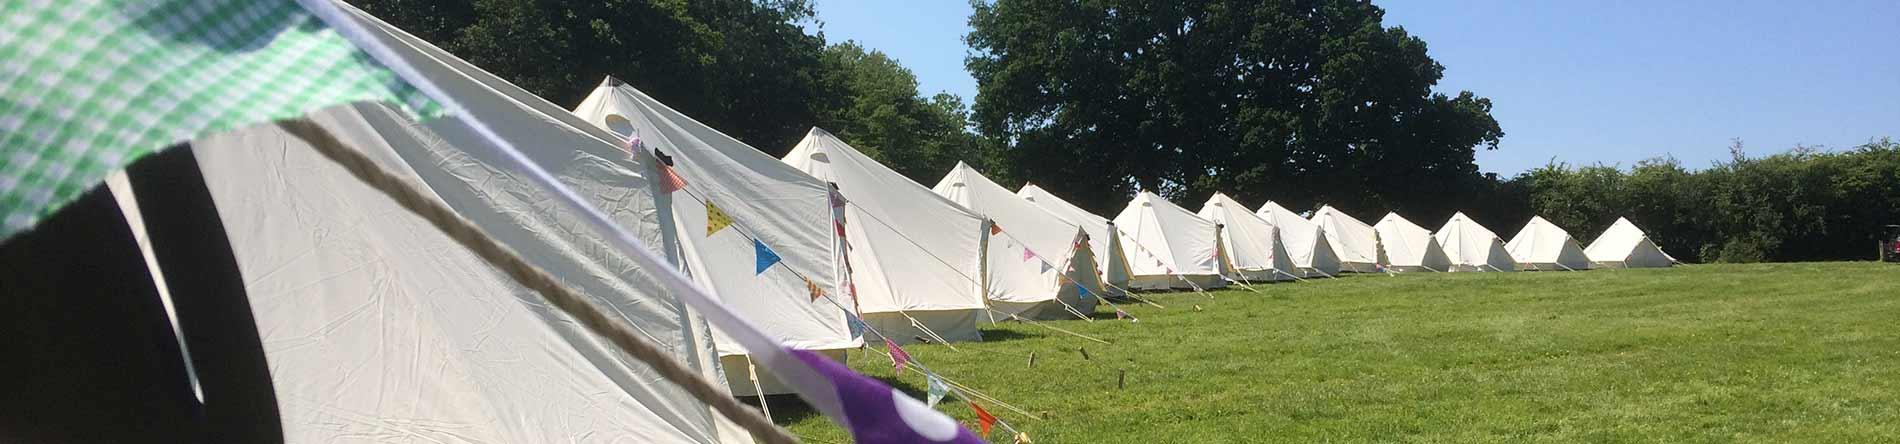 sustainable eco glastonbury camping